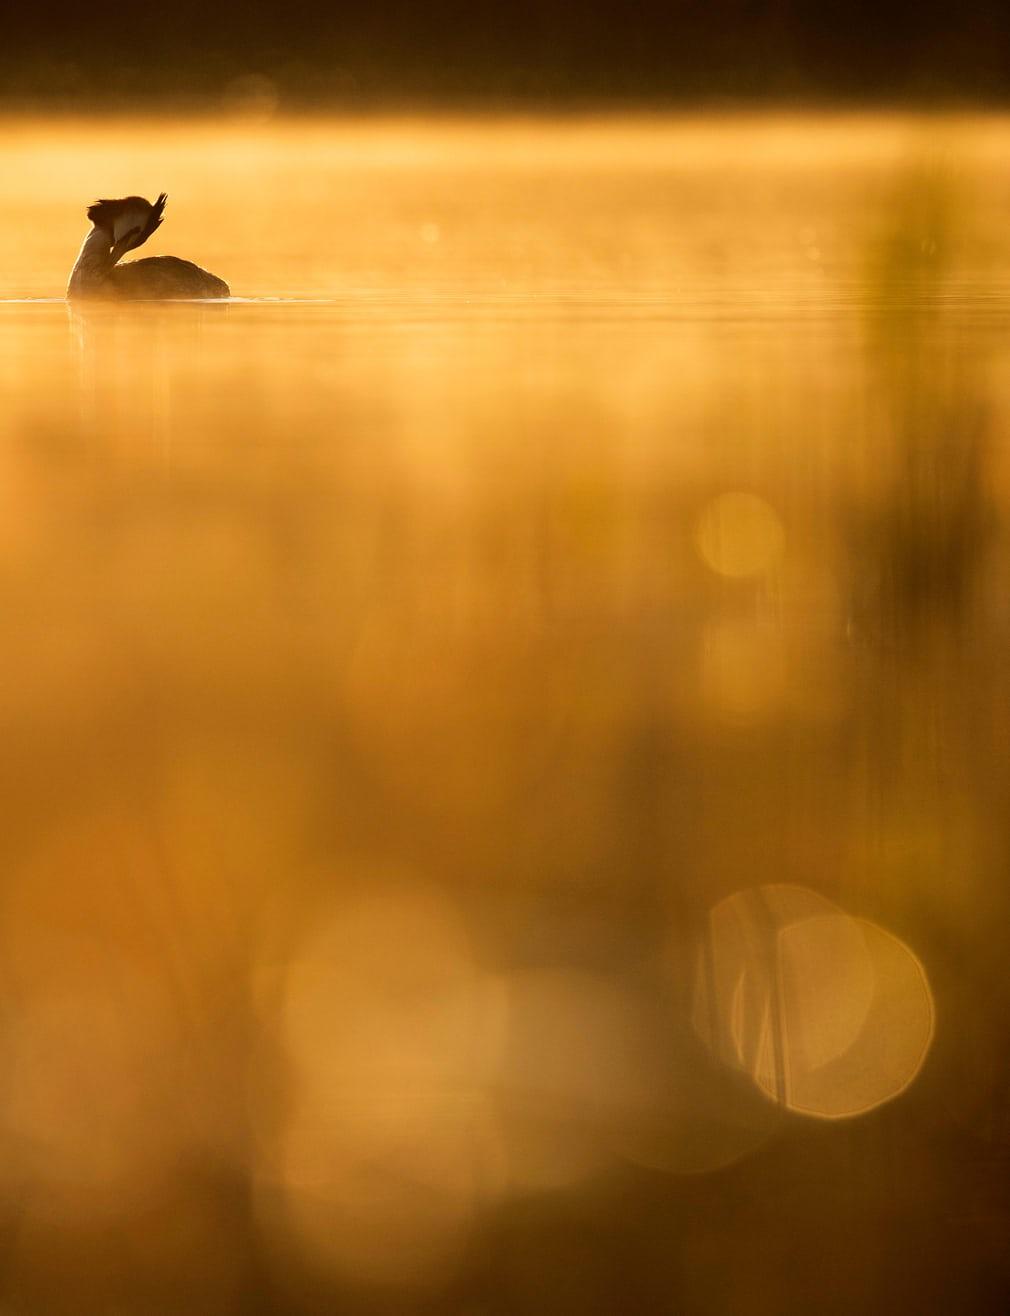 Nhiếp ảnh gia Johan Carlberg đến từ Thụy Điển chiến thắng ở hạng mục Nhiếp ảnh gia trẻ tuổi với tác phẩm chụp một con chim lặn mào lớn đang rỉa lông trên mặt nước.